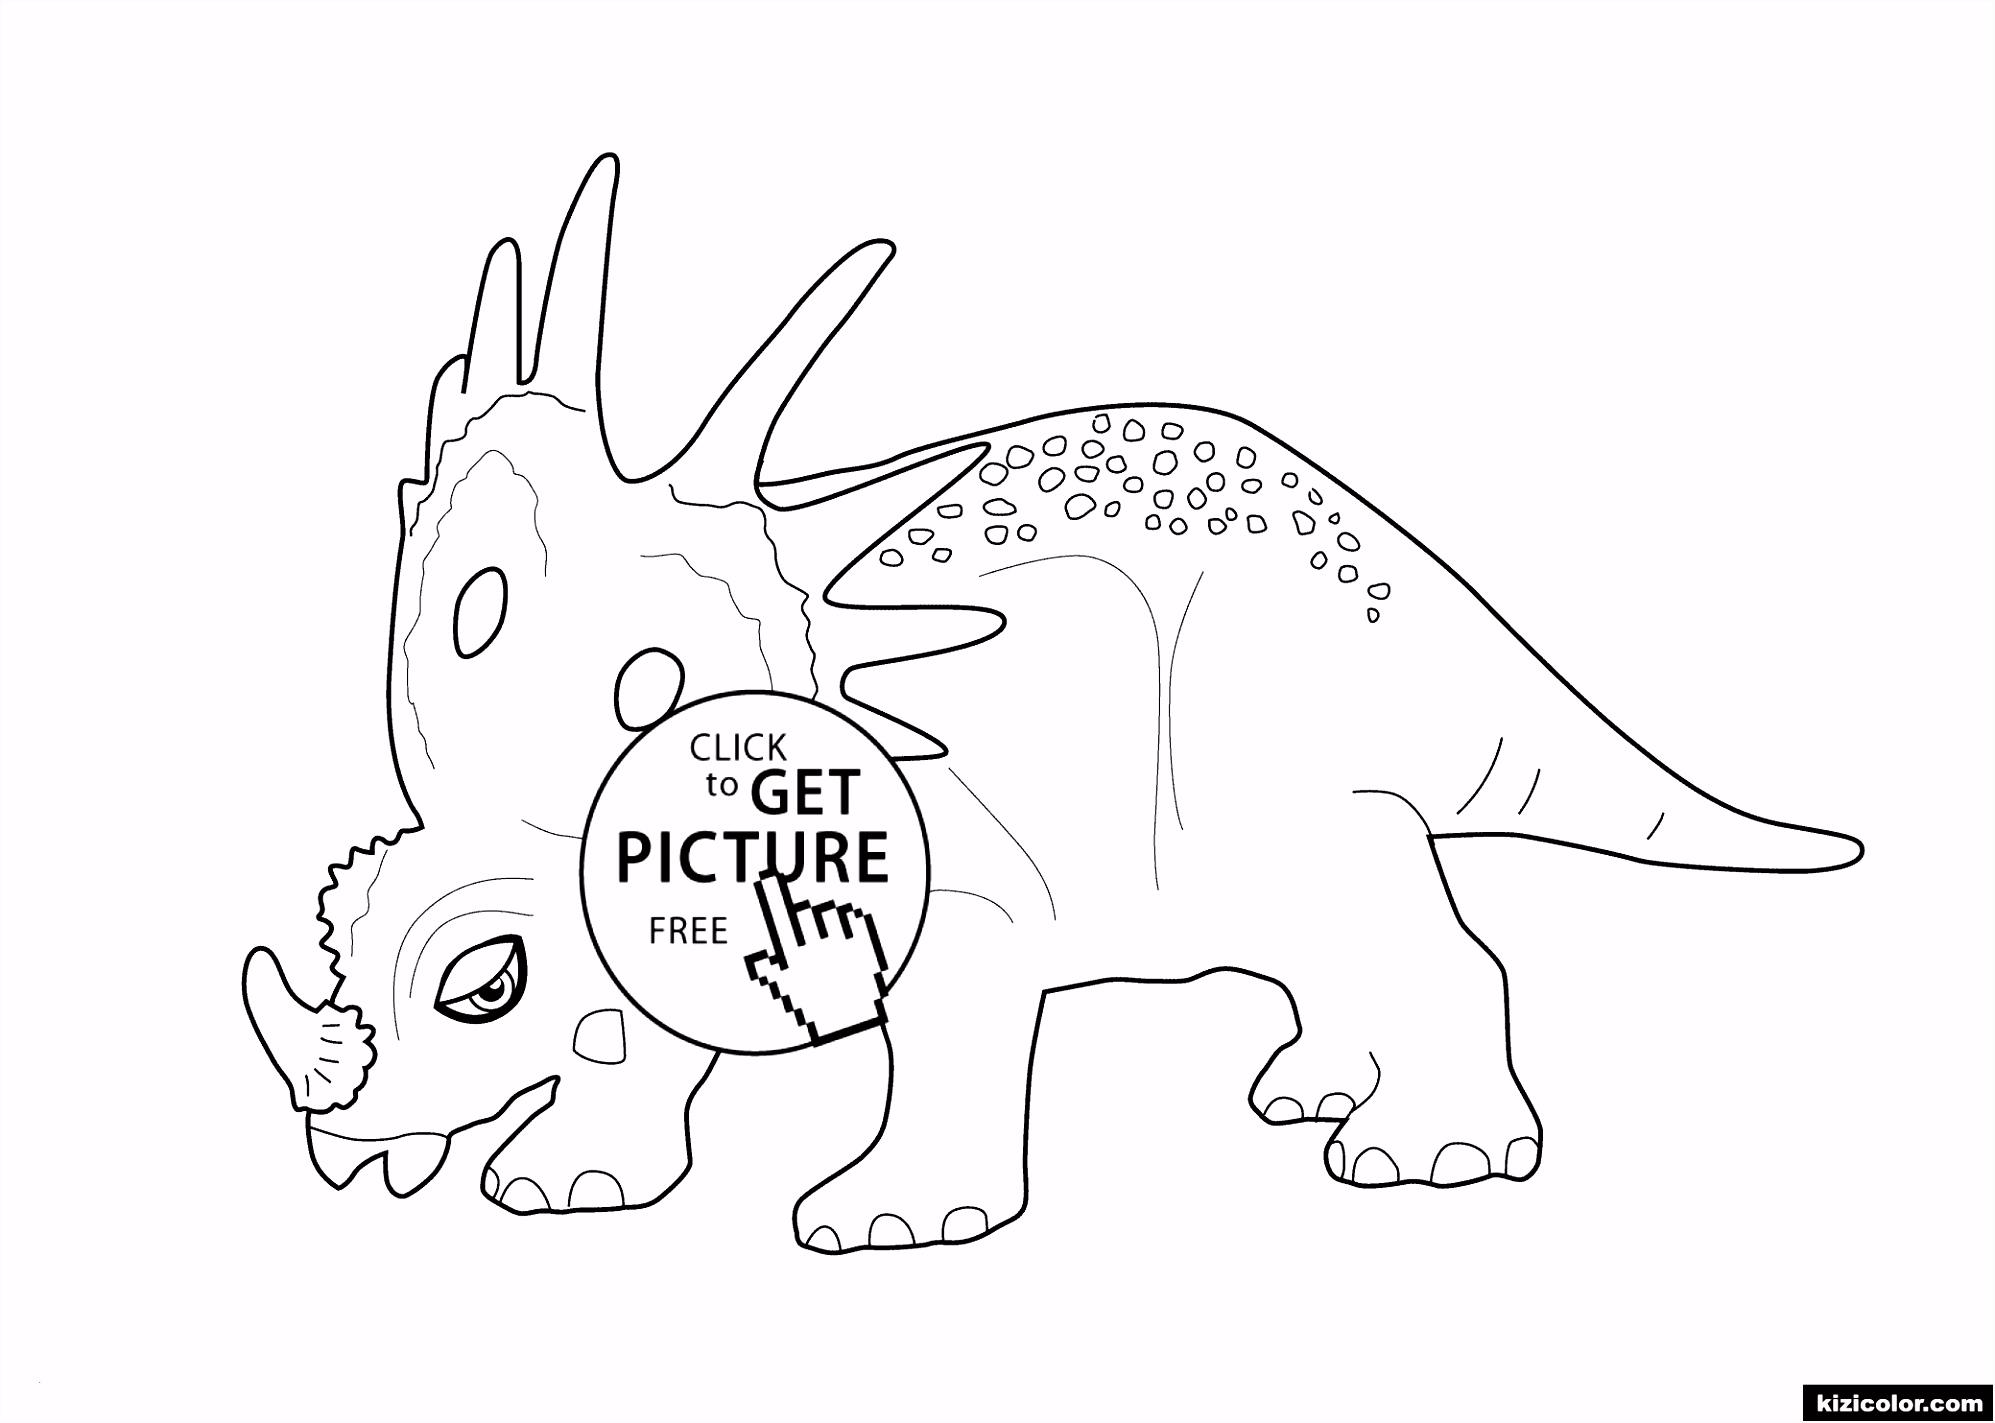 Ausmalbilder Dinosaurier Kostenlos Ausdrucken Frisch Malvorlagen Mit